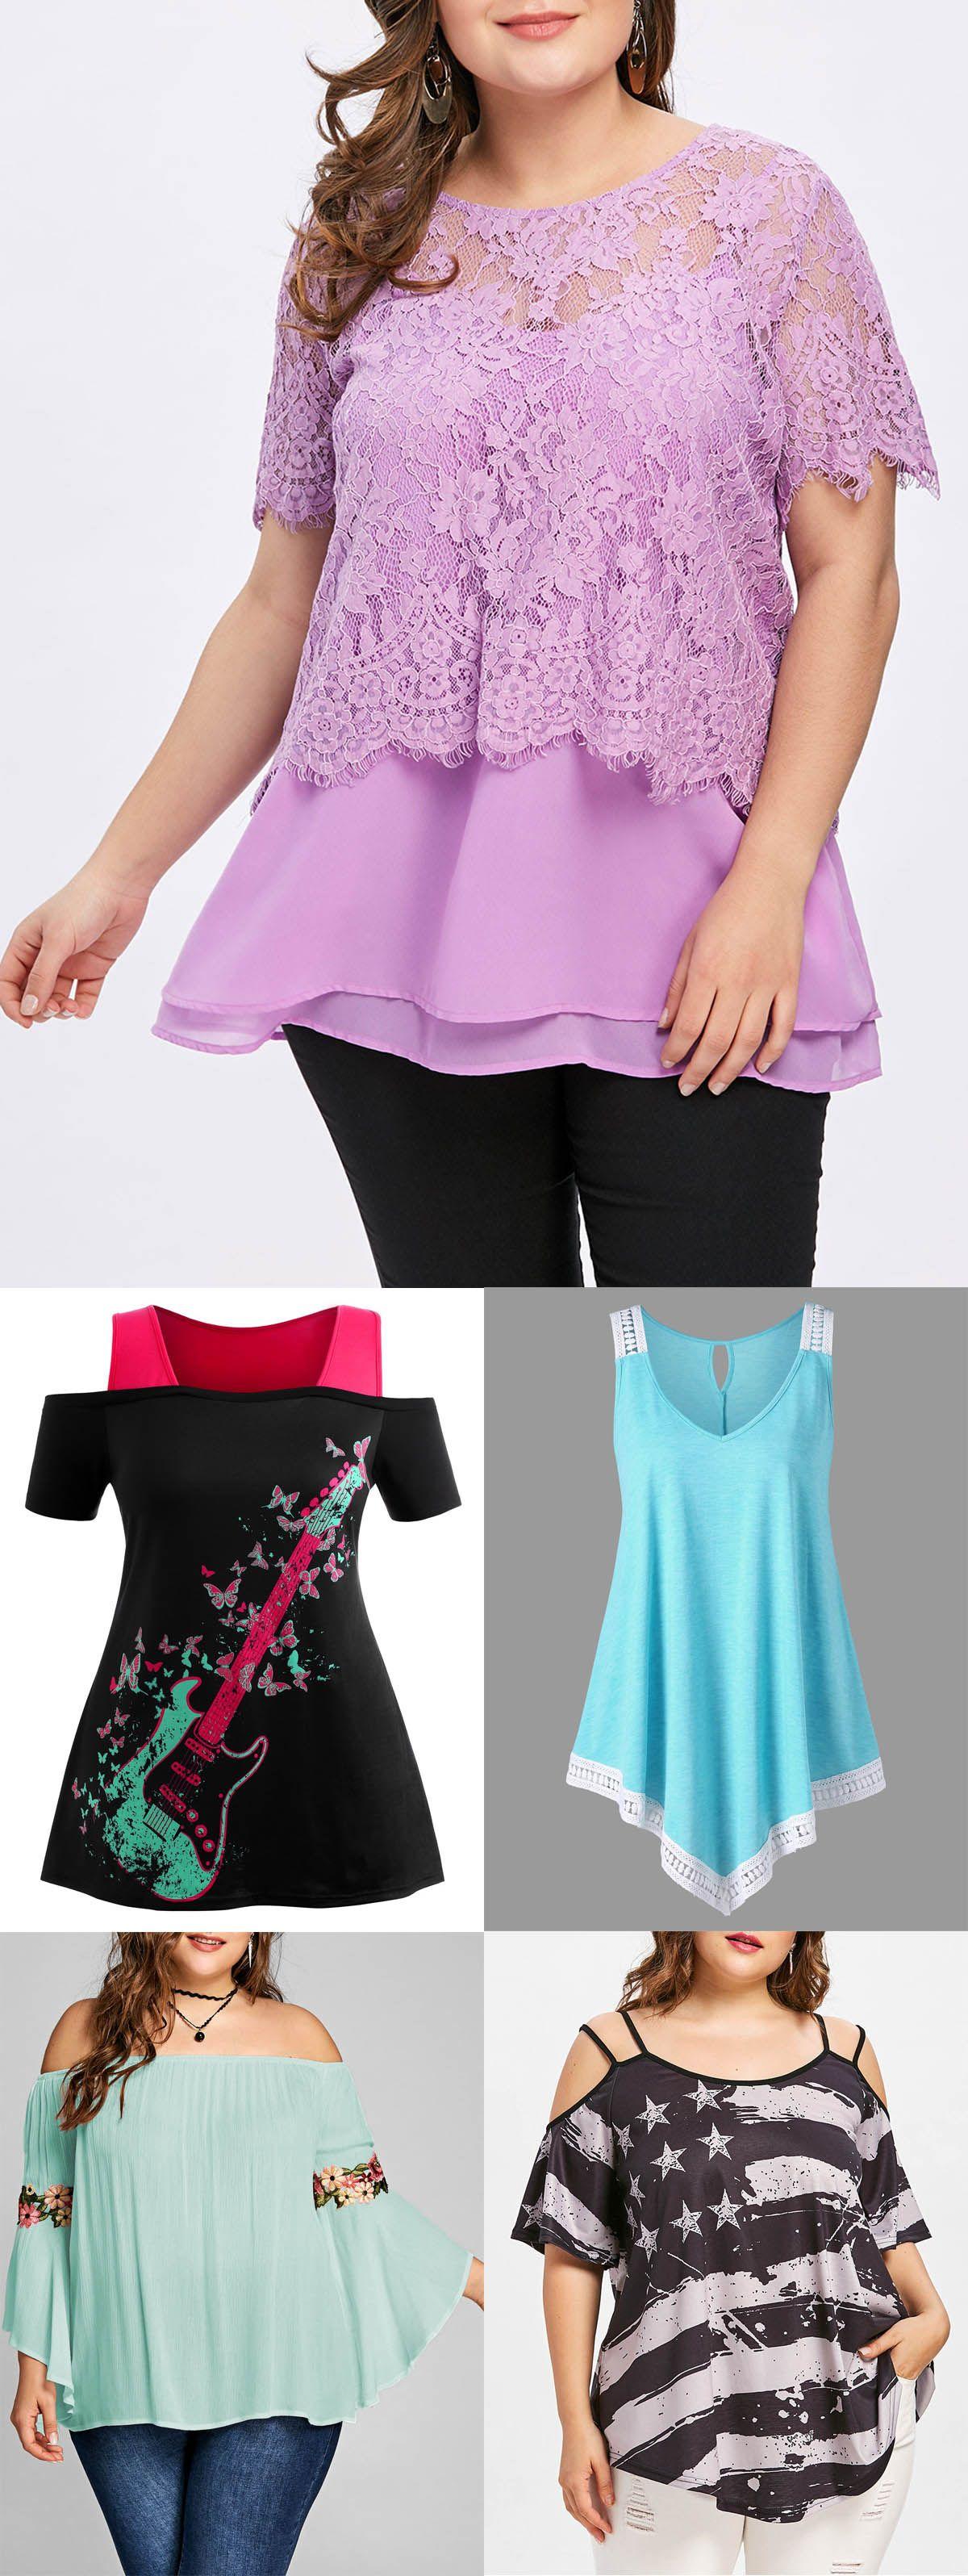 14++ Plus size dressy blouses ideas ideas in 2021